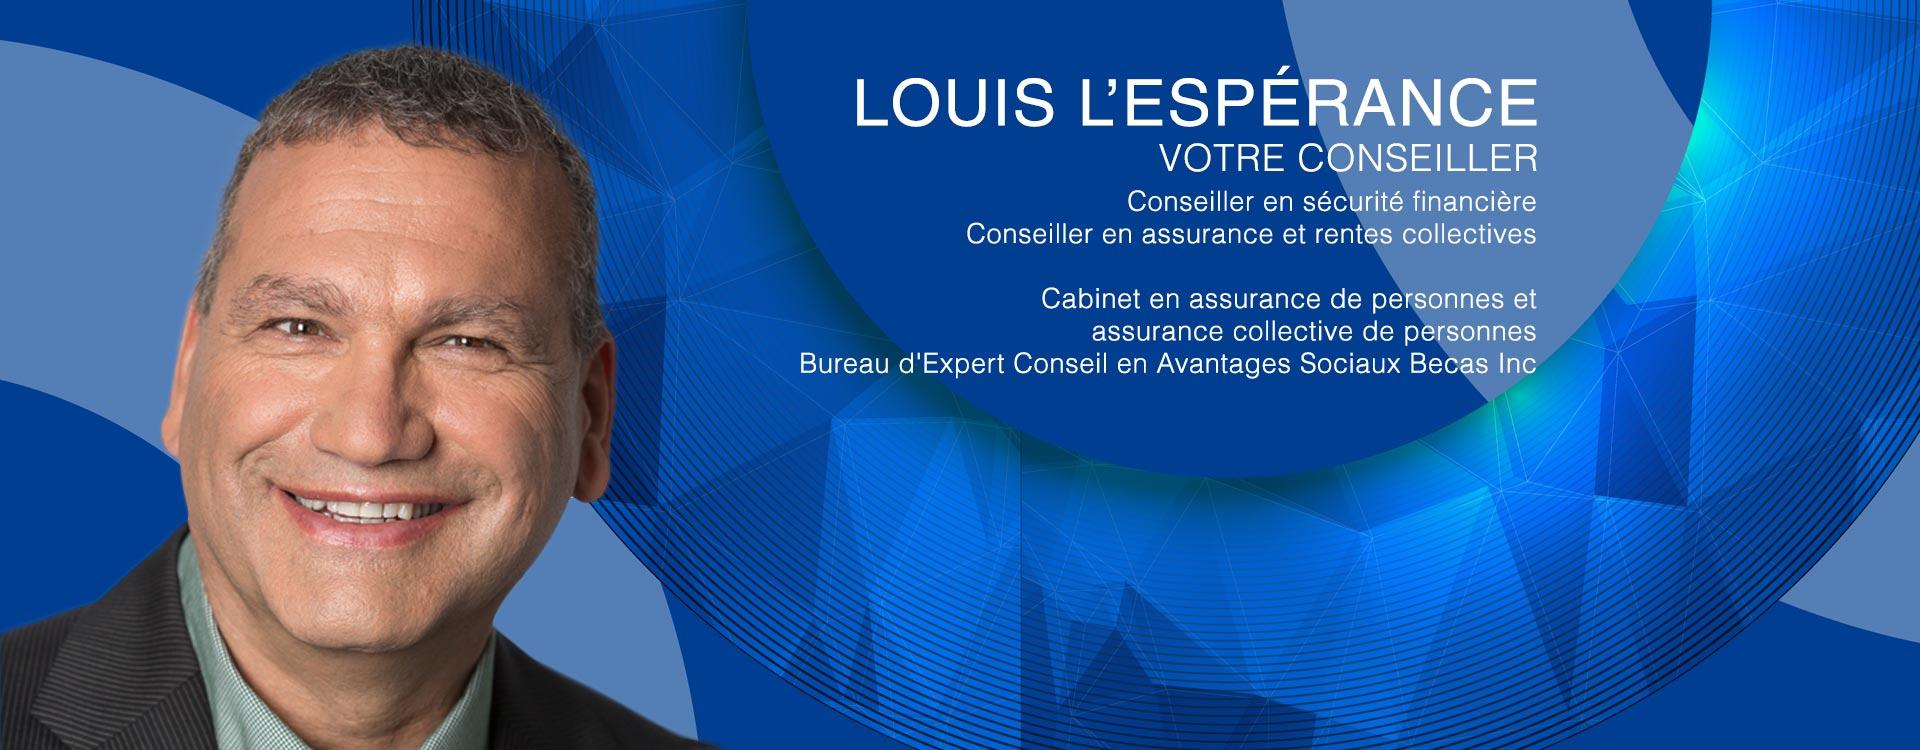 Louis L'Espérance conseils financiers